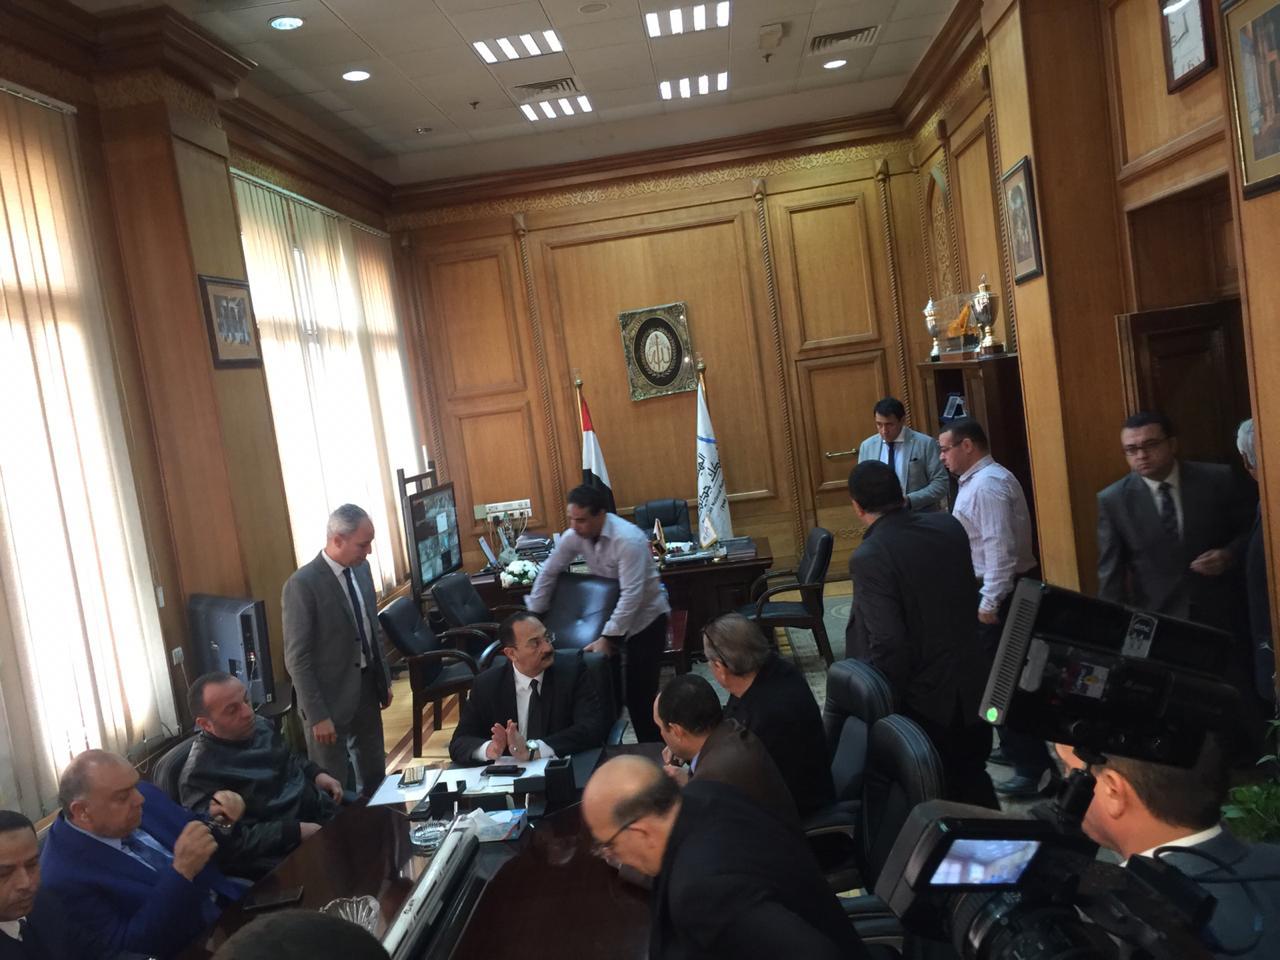 اجتماع مغلق لوفد البرلمان مع رئيس هيئة السكك الحديدية (6)